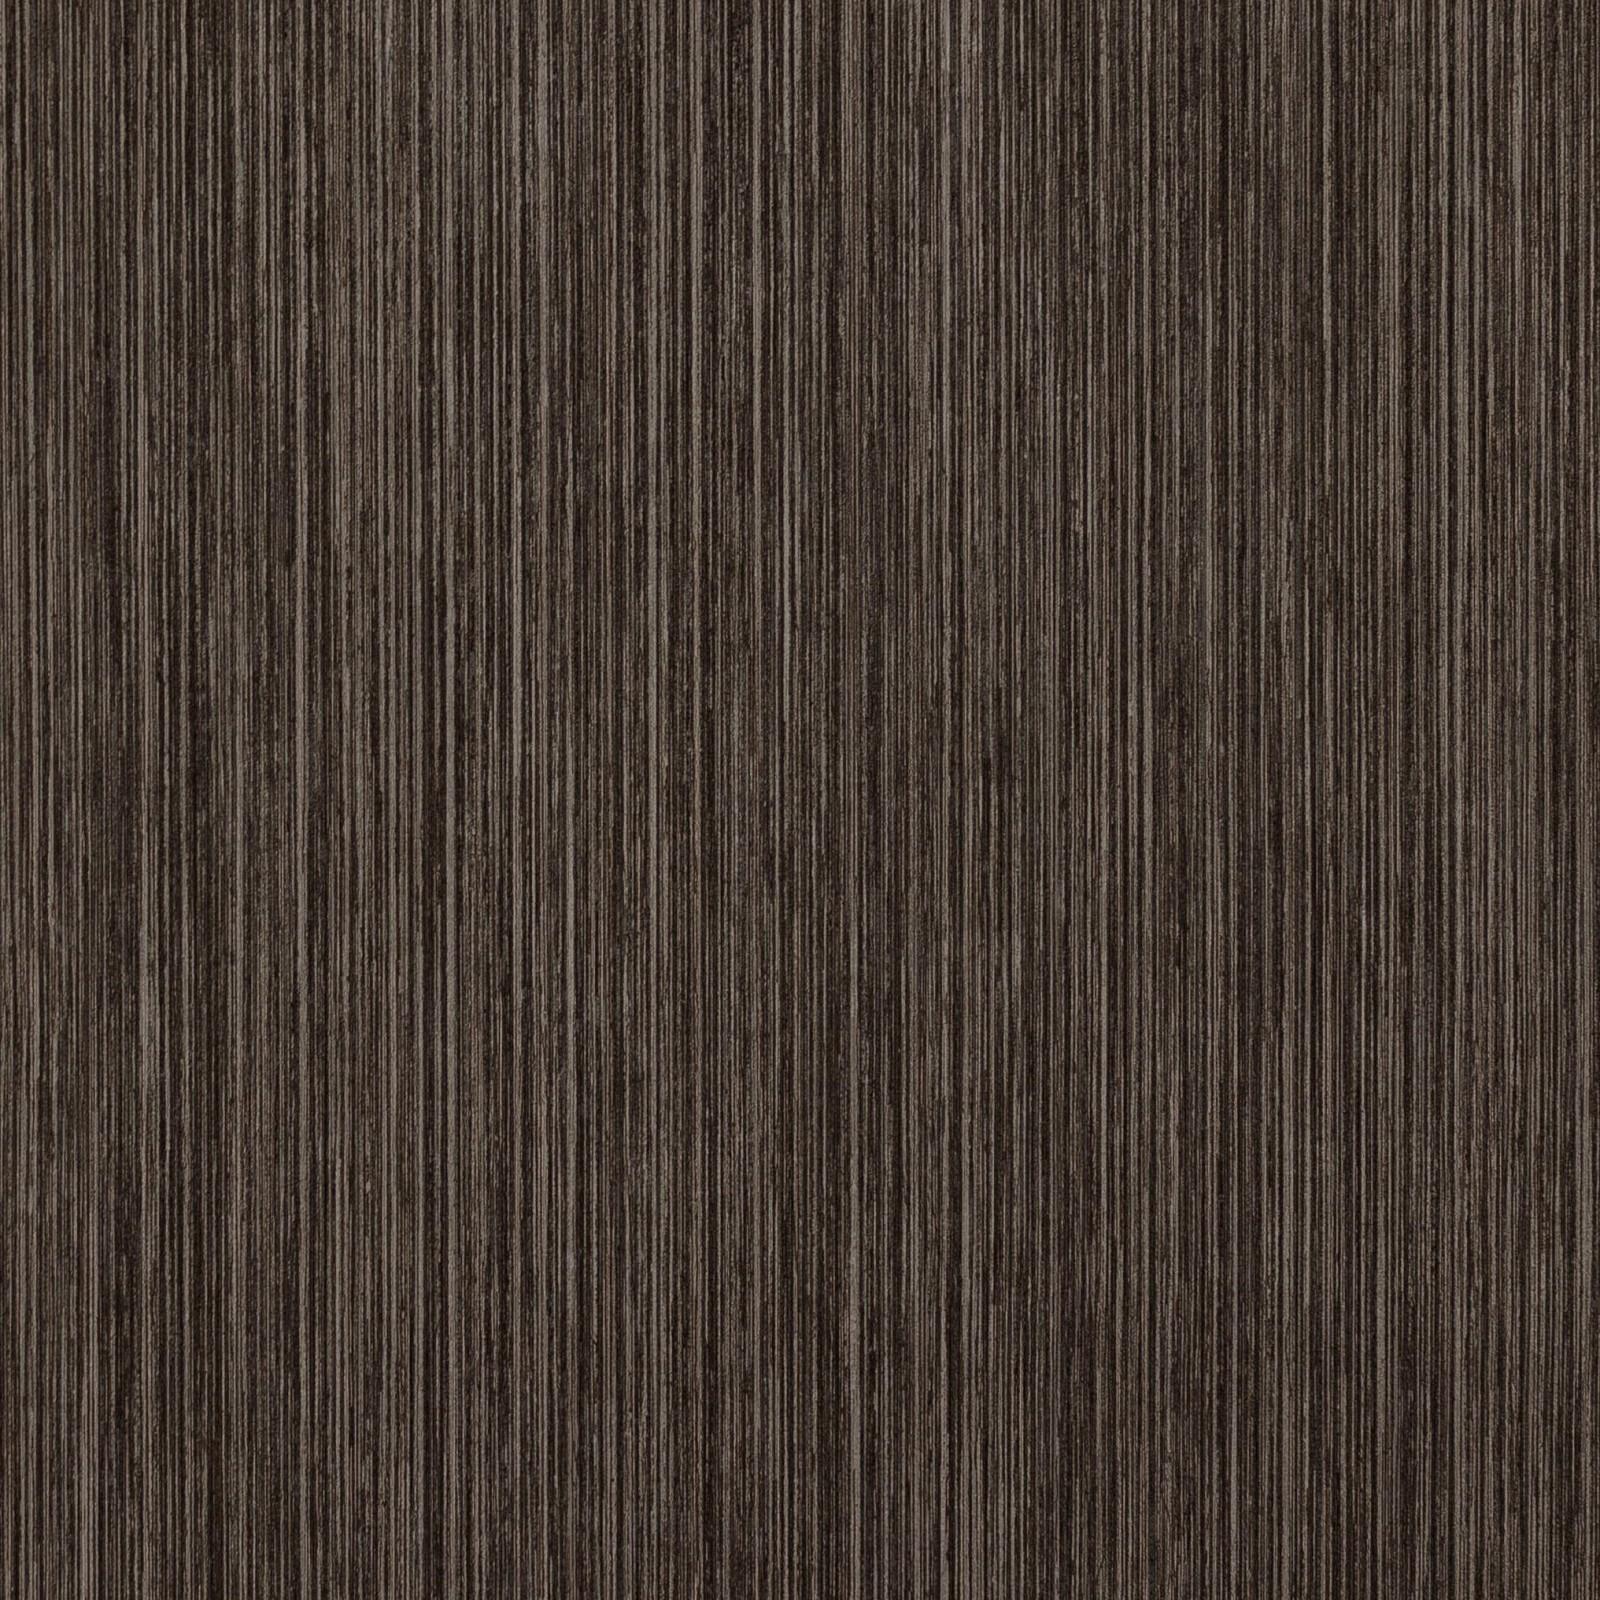 vliestapete braun streifen perfecto rasch 781717. Black Bedroom Furniture Sets. Home Design Ideas